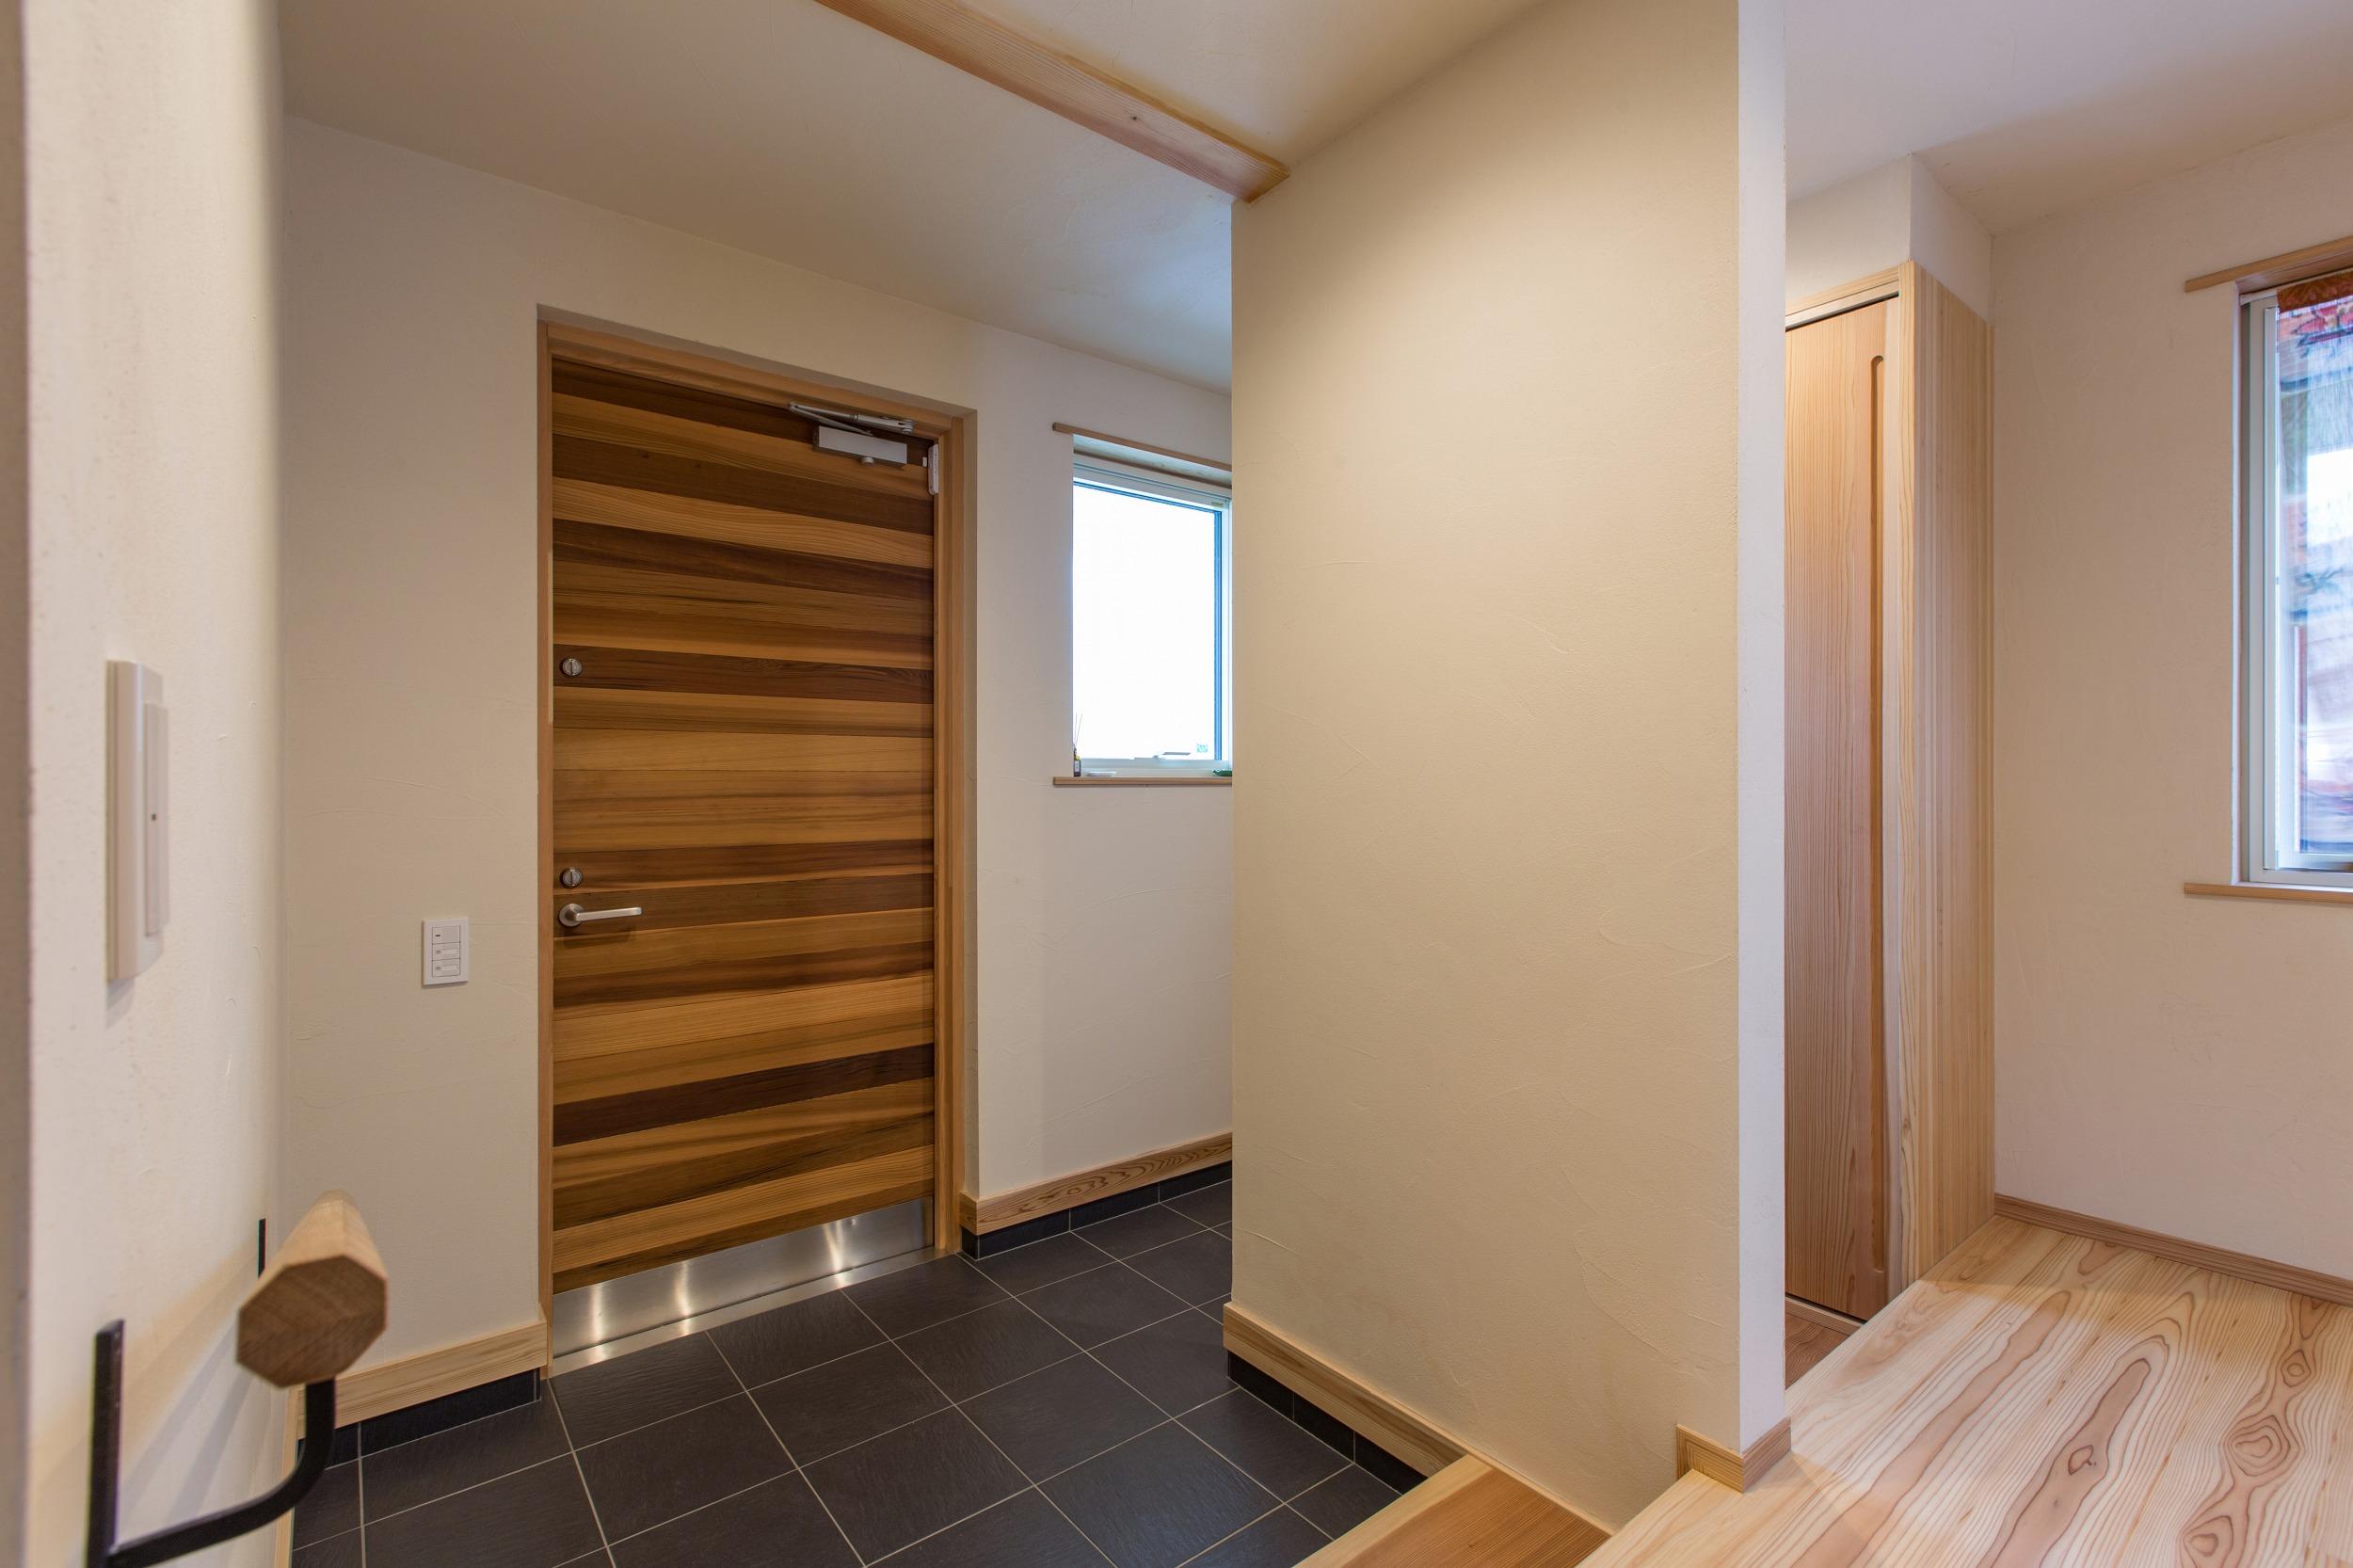 レッドシダーの戸から入ると、シューズクローク併設した玄関。敷台は解体前の家のカウンター。